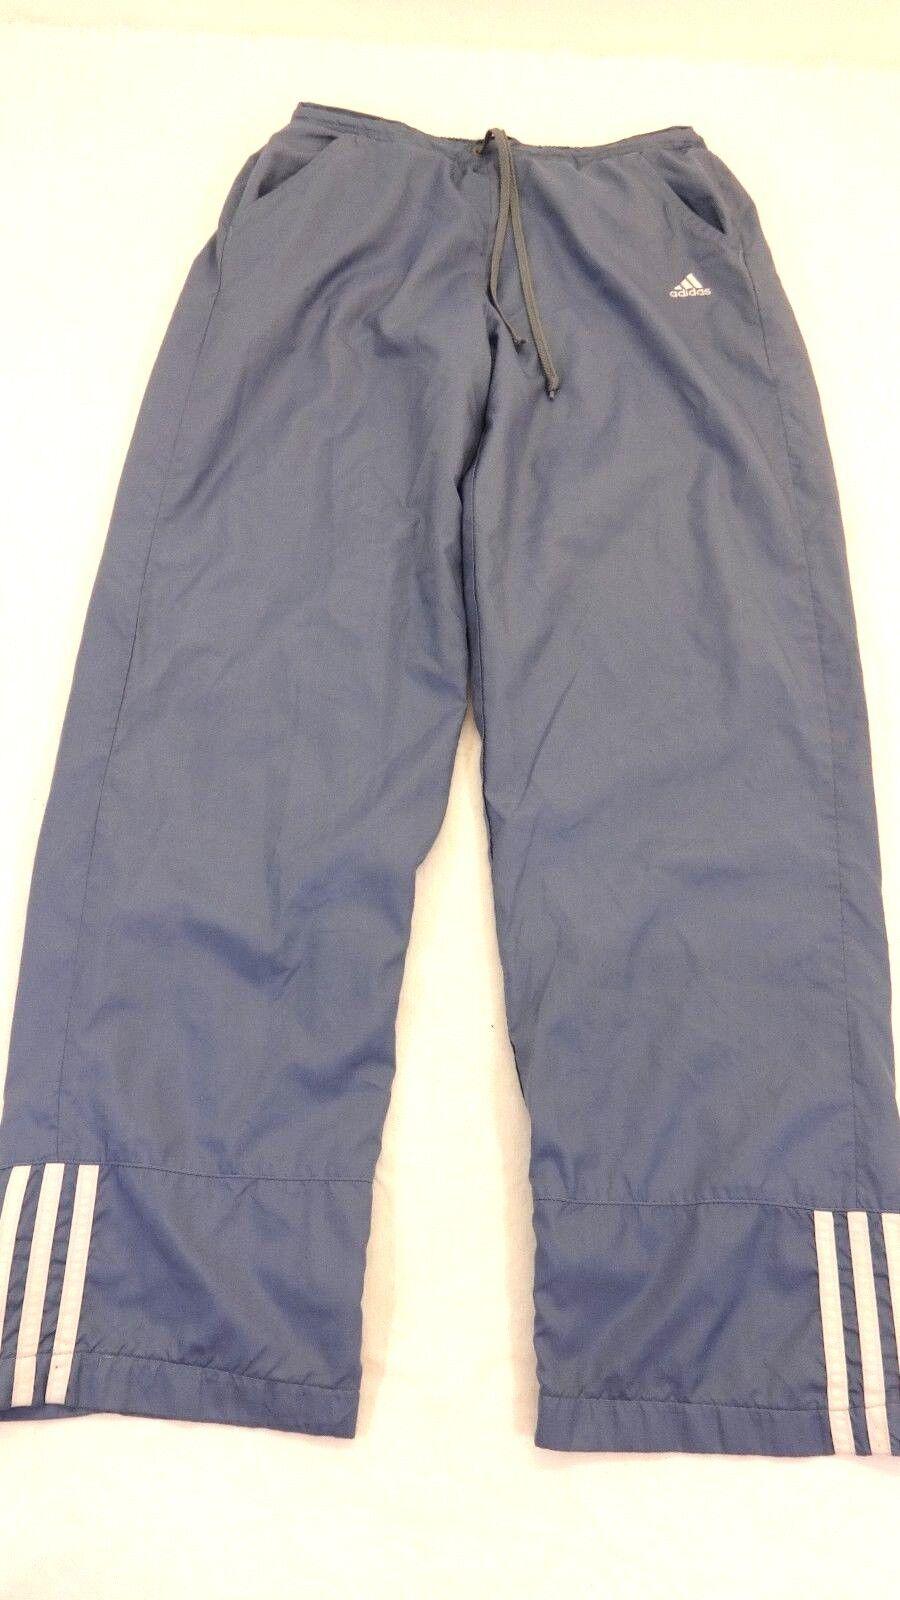 Adidas Mujer Rip Stop Forro Pantalones Algodón Azul De Detalles Deportivo Poliéster Qhdtsr